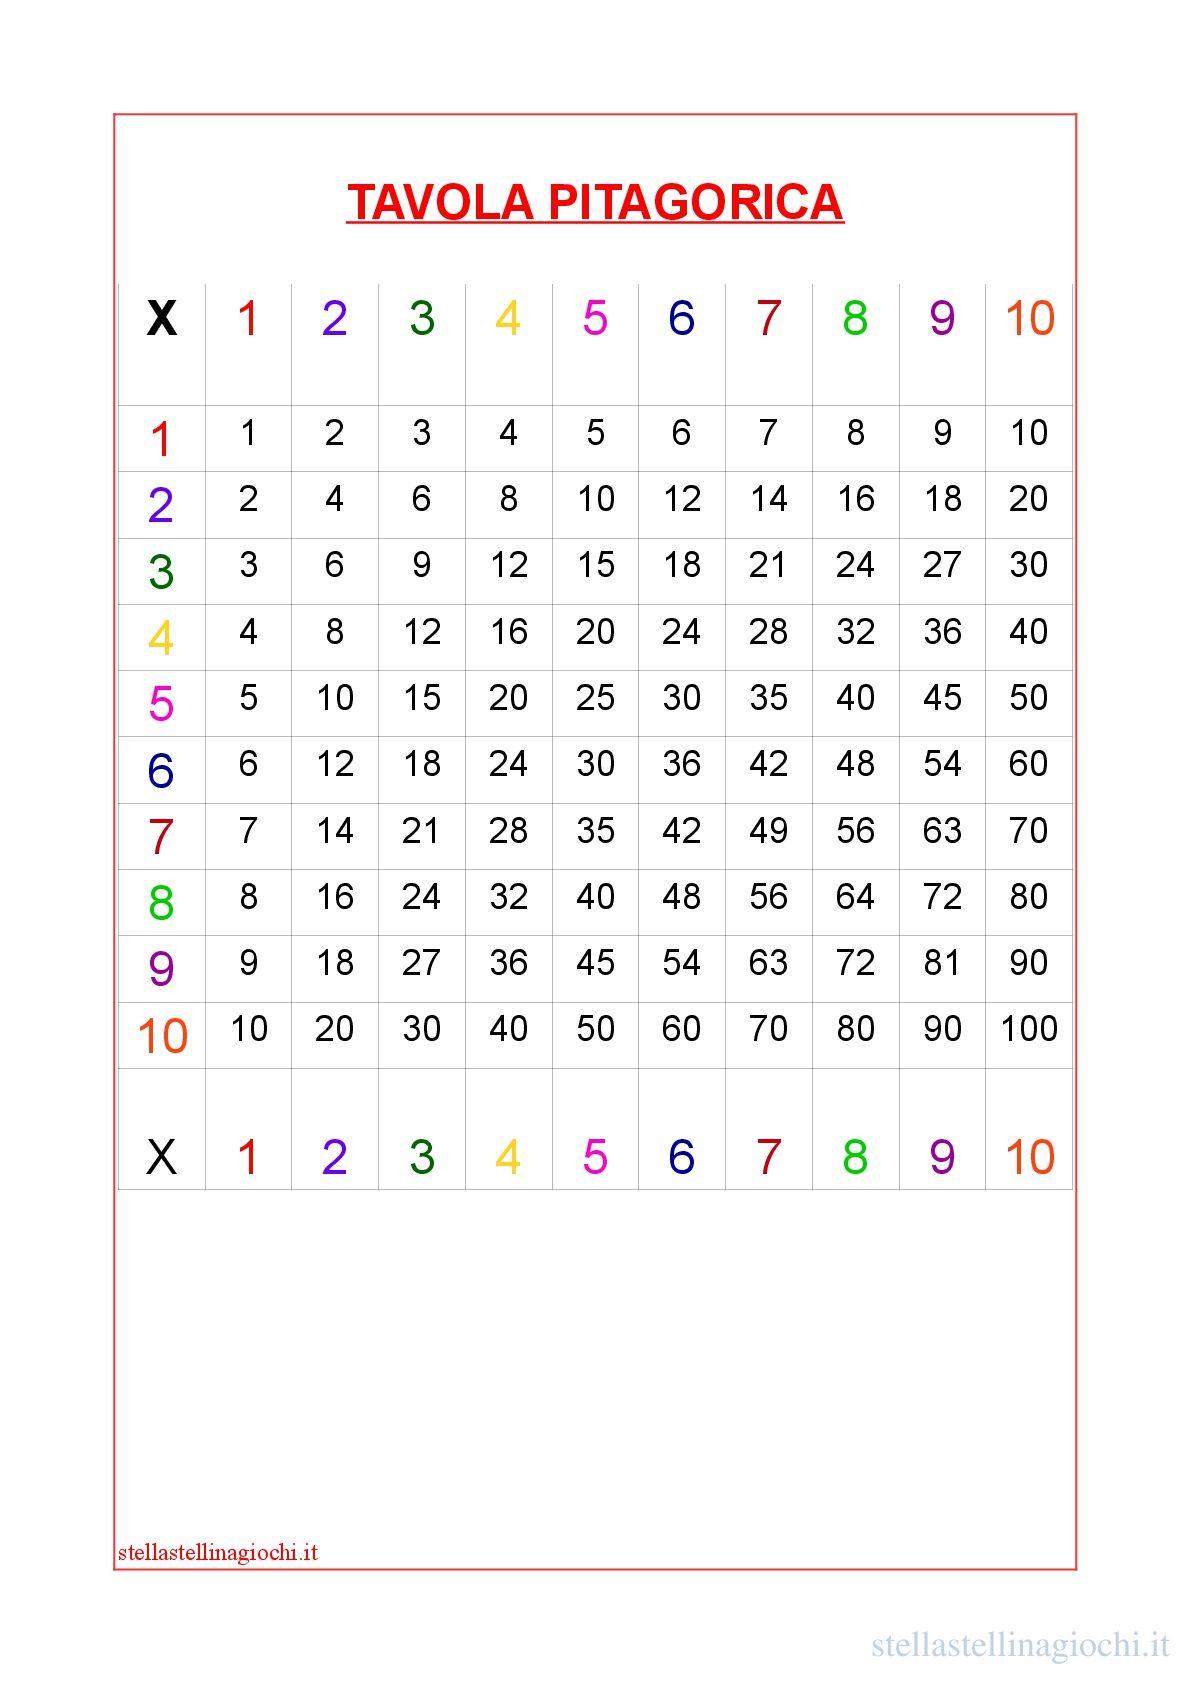 Schede didattiche di matematica tavola pitagorica sul blog trovi la versione pdf da stampare - La tavola pitagorica da stampare ...